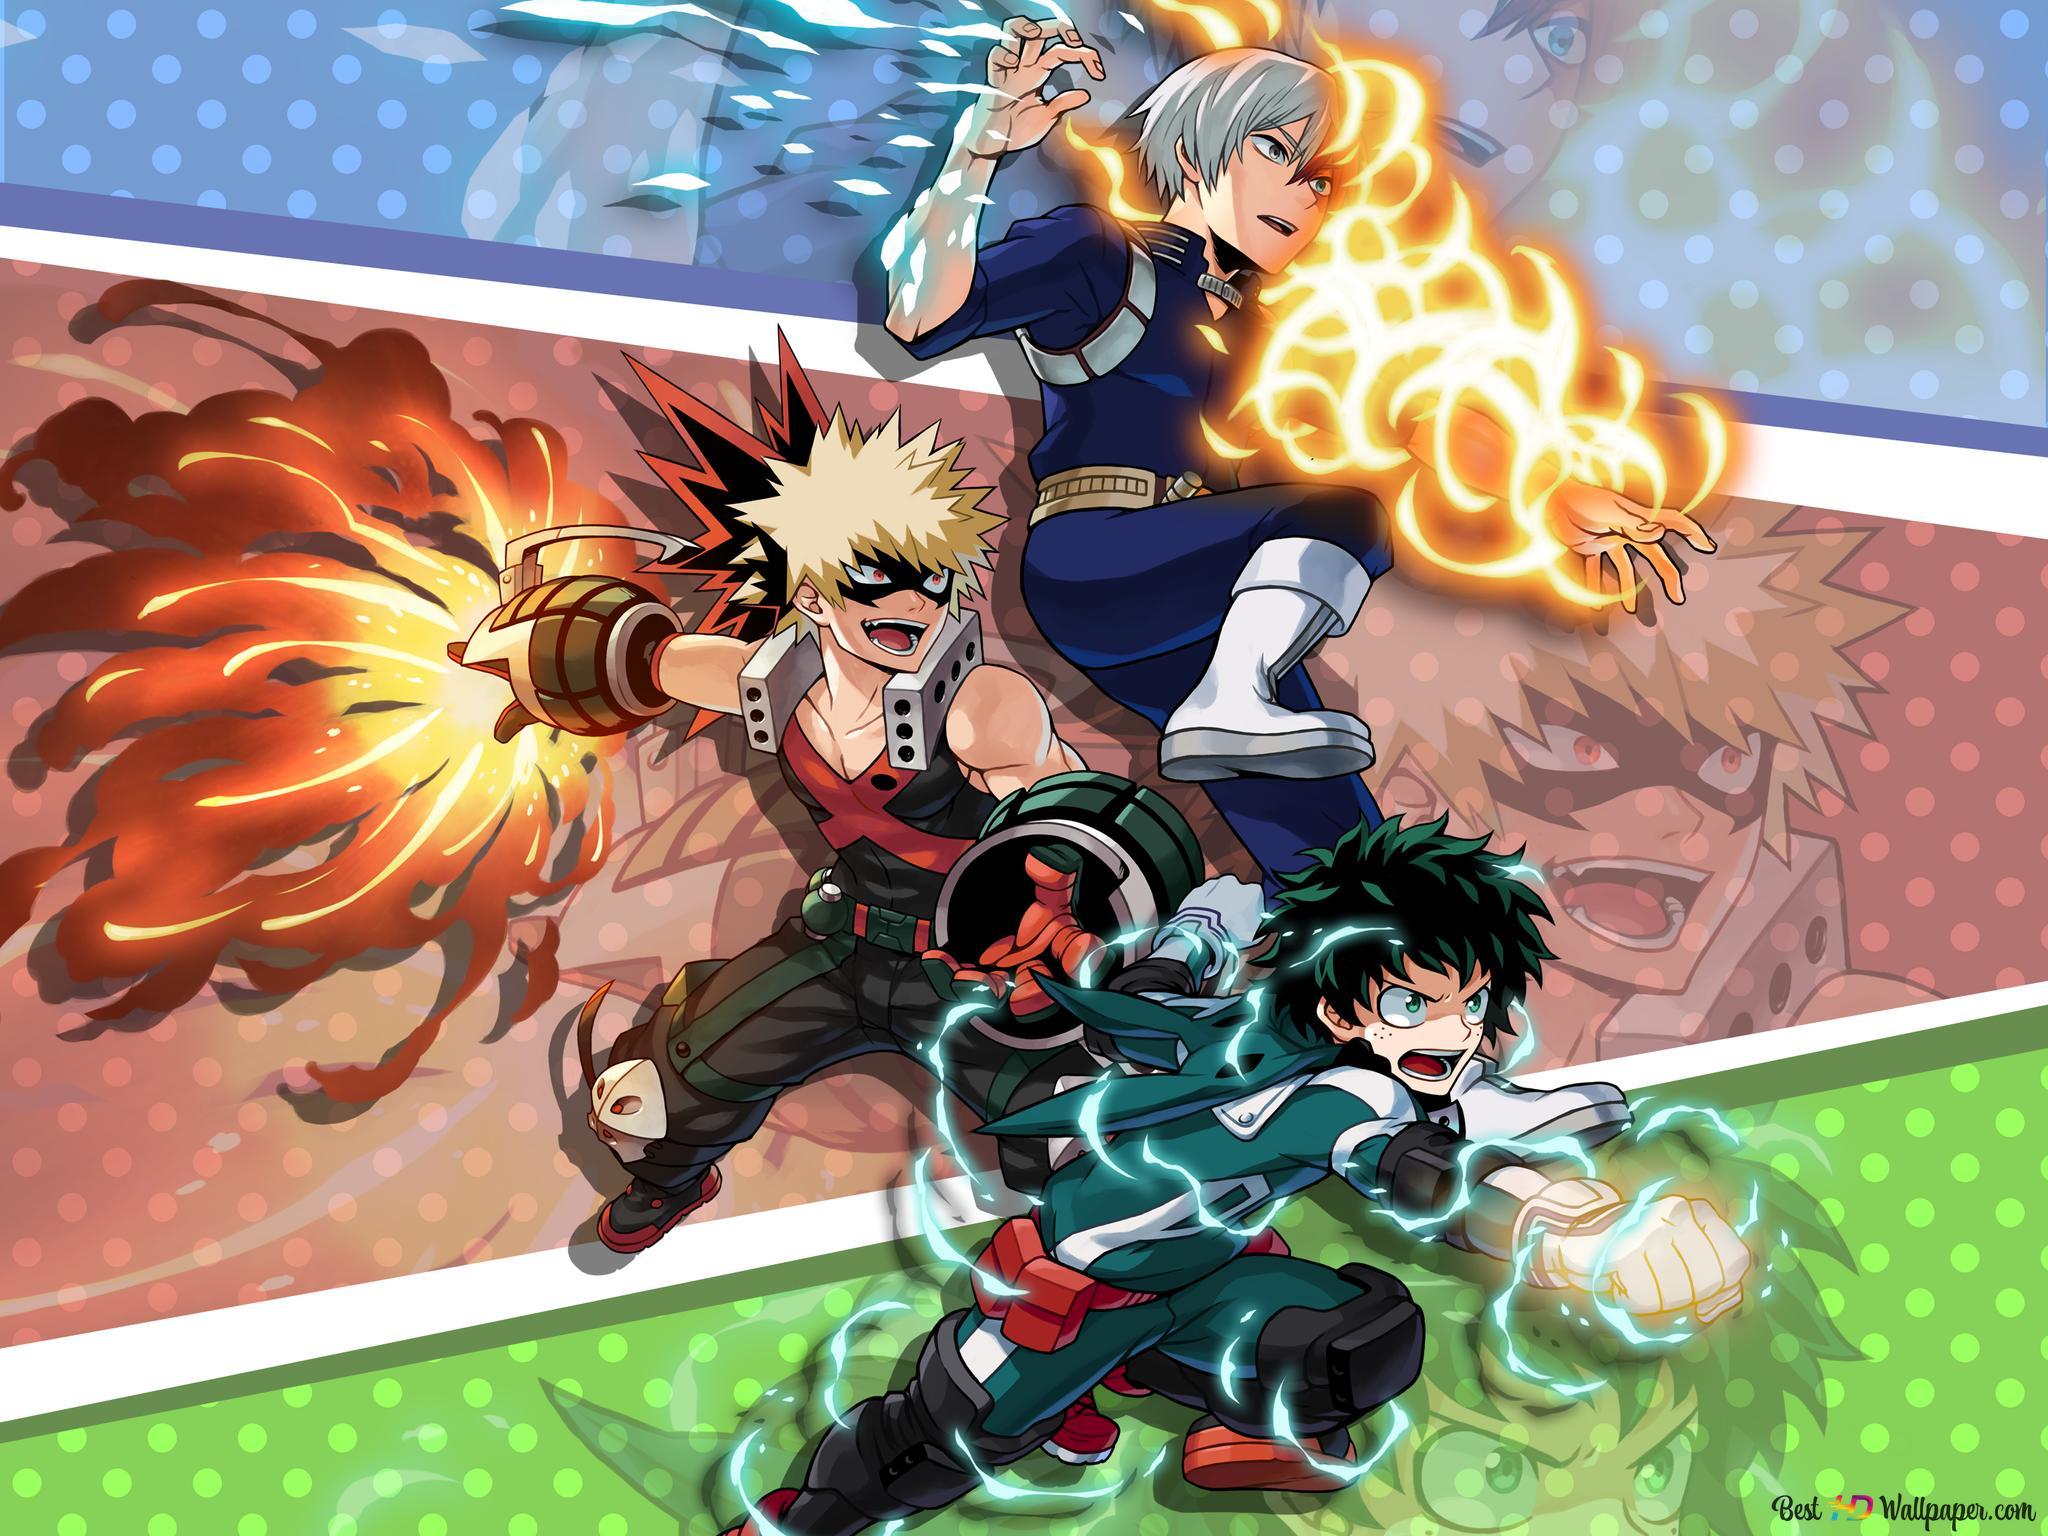 My Hero Academia Shoto Todoroki Katsuki Bakugo Izuku Midoriya